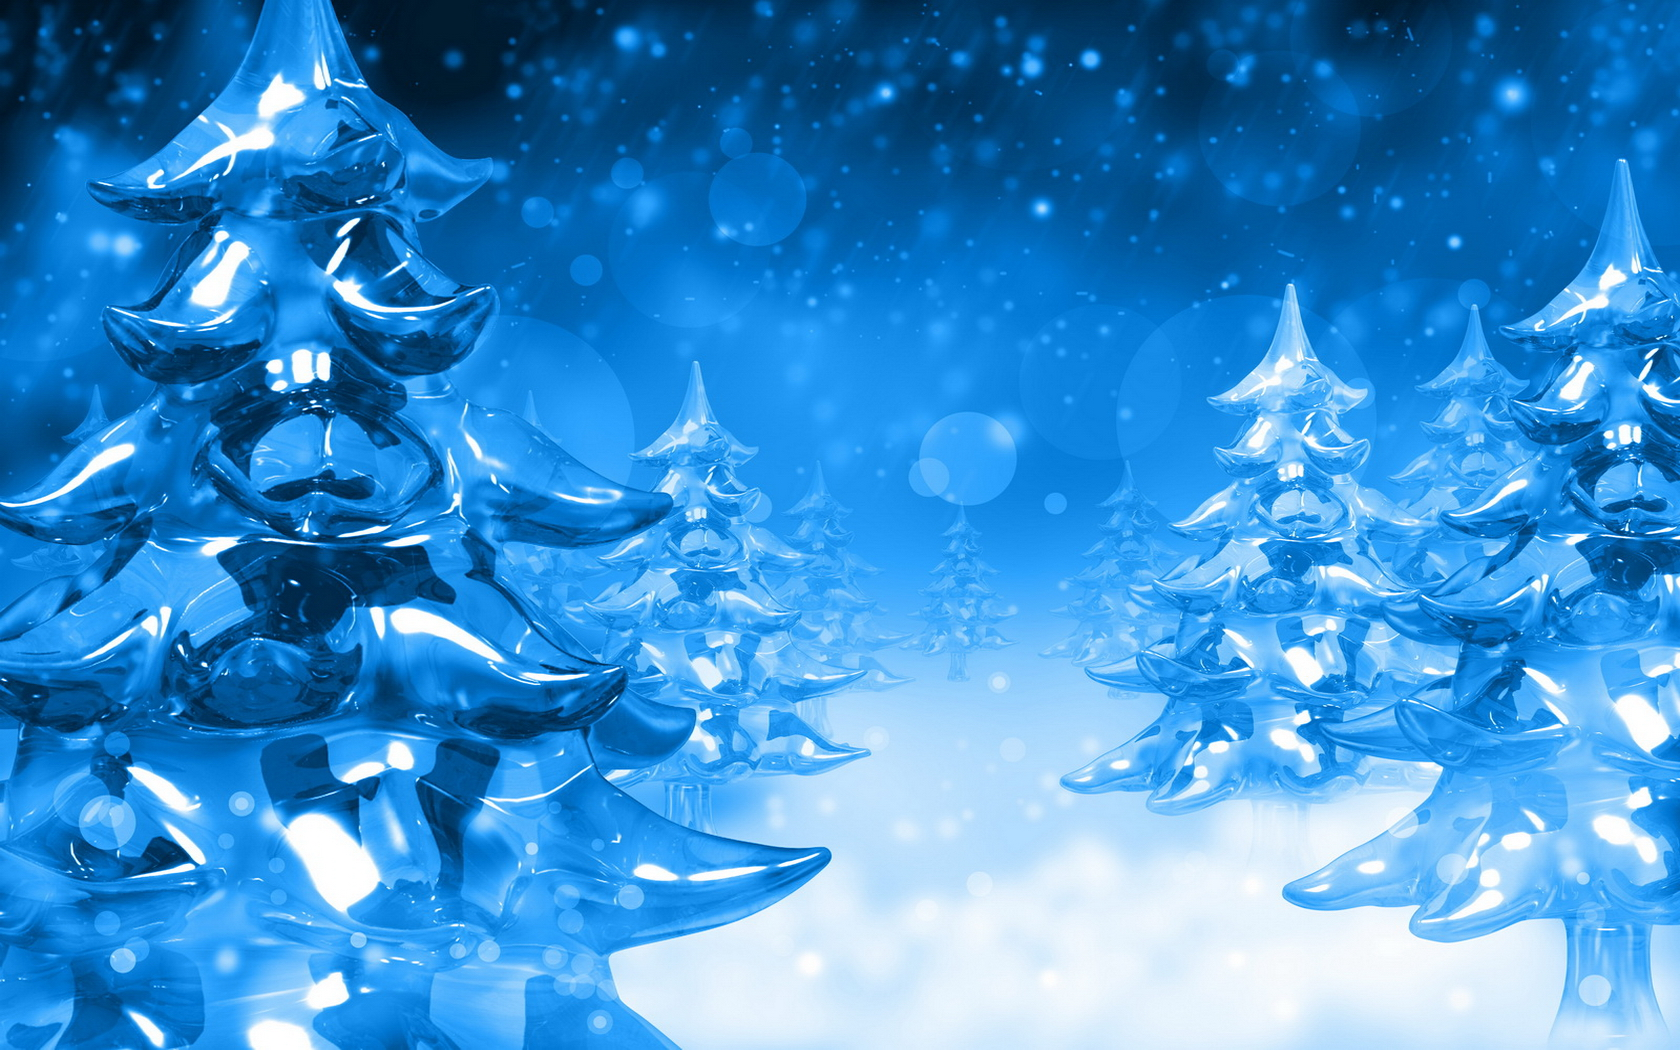 Christmas Screensavers New Calendar Template Site 1680x1050